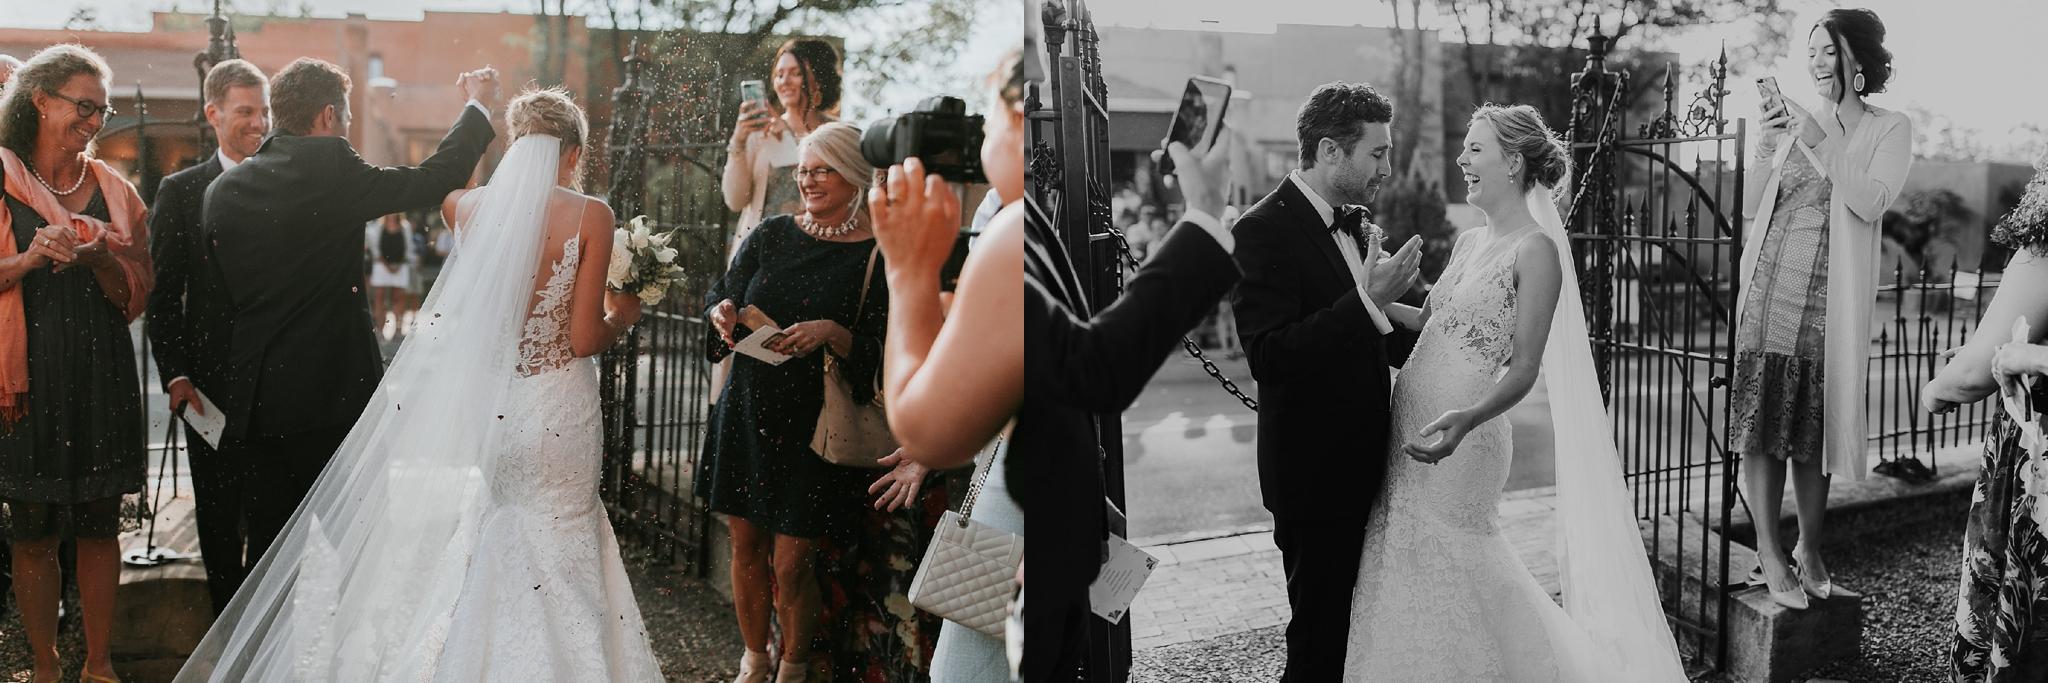 Alicia+lucia+photography+-+albuquerque+wedding+photographer+-+santa+fe+wedding+photography+-+new+mexico+wedding+photographer+-+new+mexico+wedding+-+wedding+photographer+-+wedding+photographer+team_0011.jpg